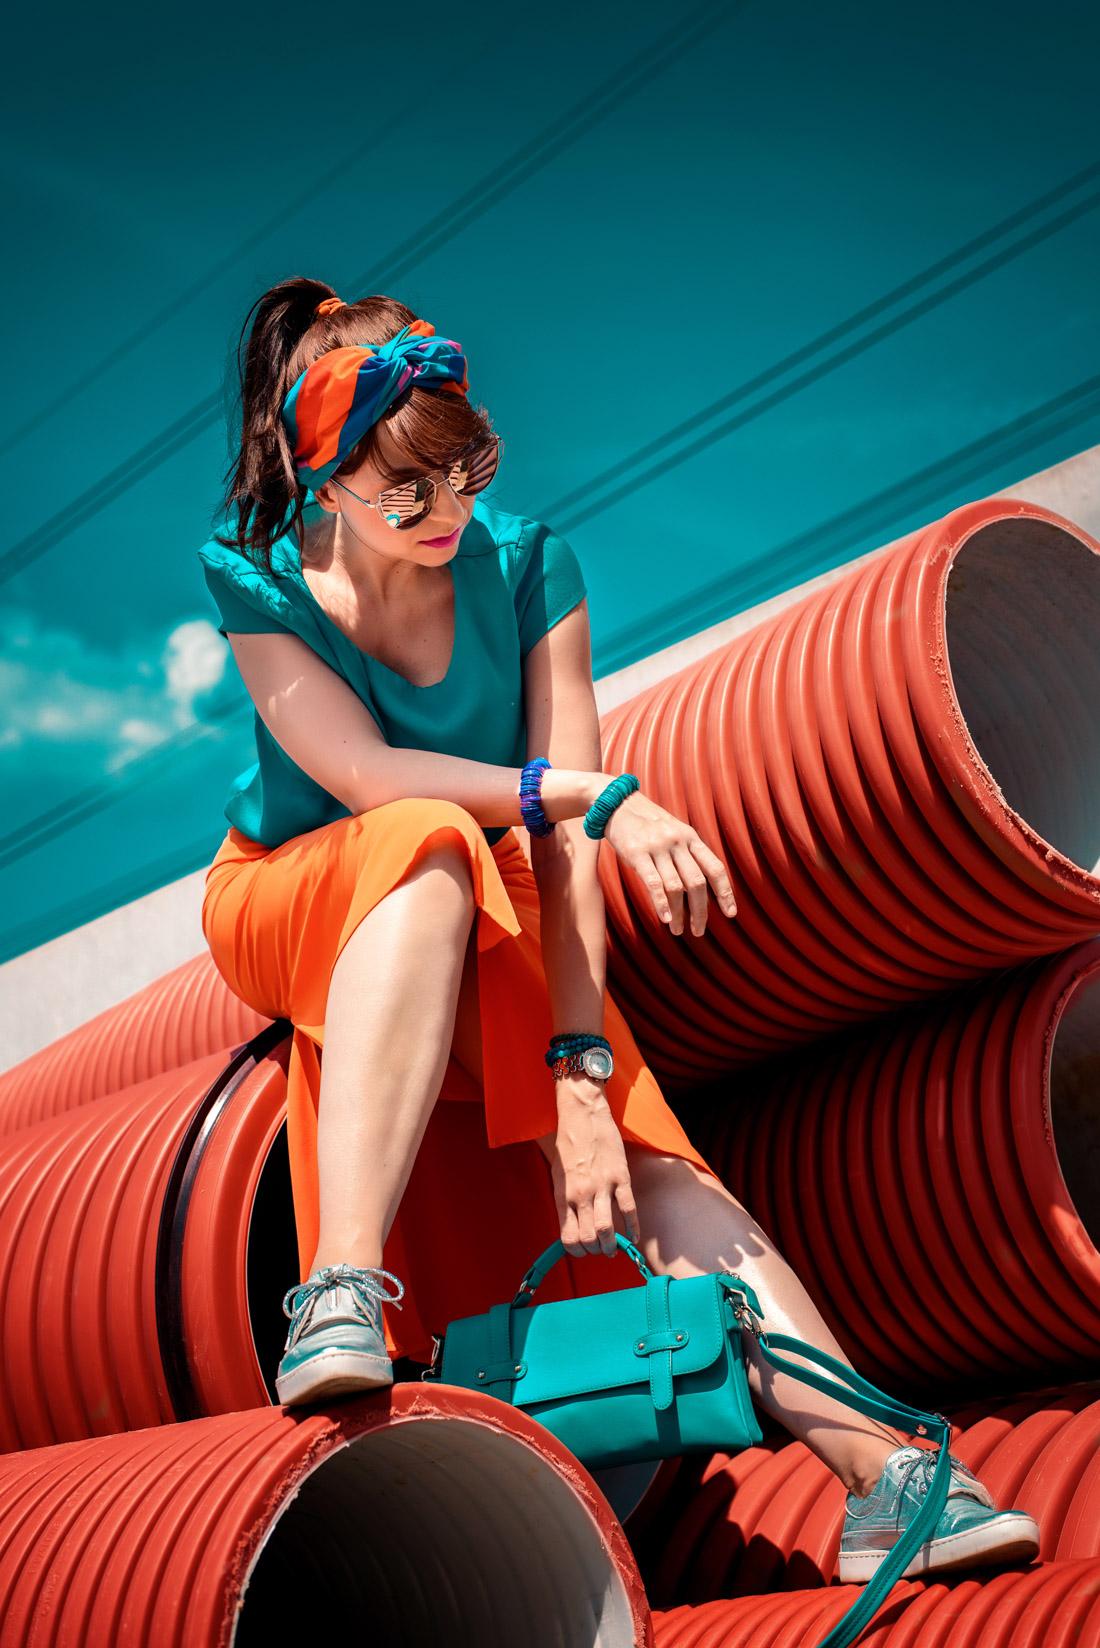 1 TOP DOPLNOK, KTORÝ VÁS DOSTANE_Katharine-fashion is beautiful_blog 2_Látková čelenka_Oranžová sukňa_Katarína Jakubčová_Fashion blogerka